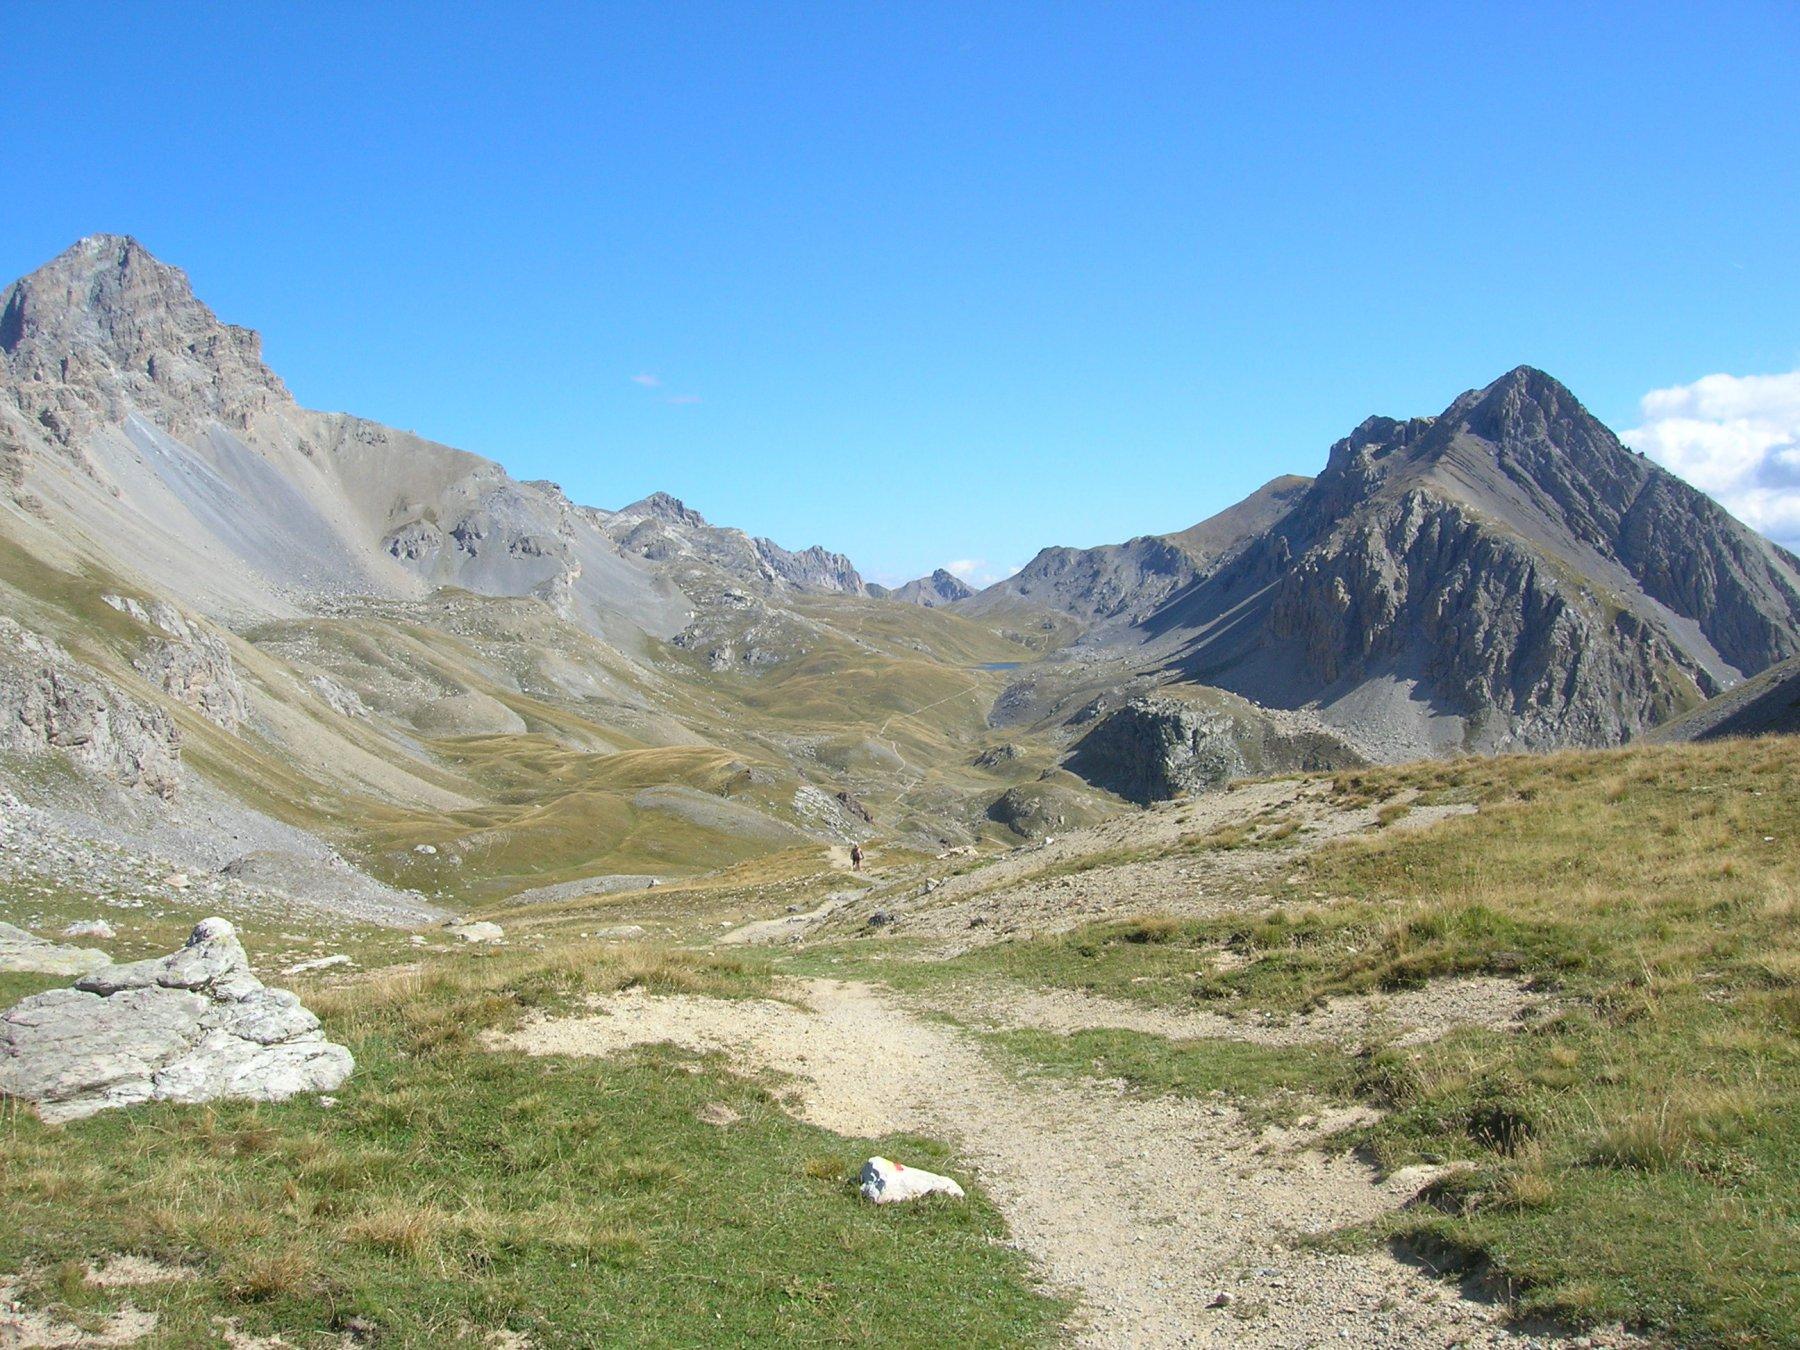 Discesa dal Col de la Gypiére: in lontananza il lago dell' Oronaye e il Colle di Roburent